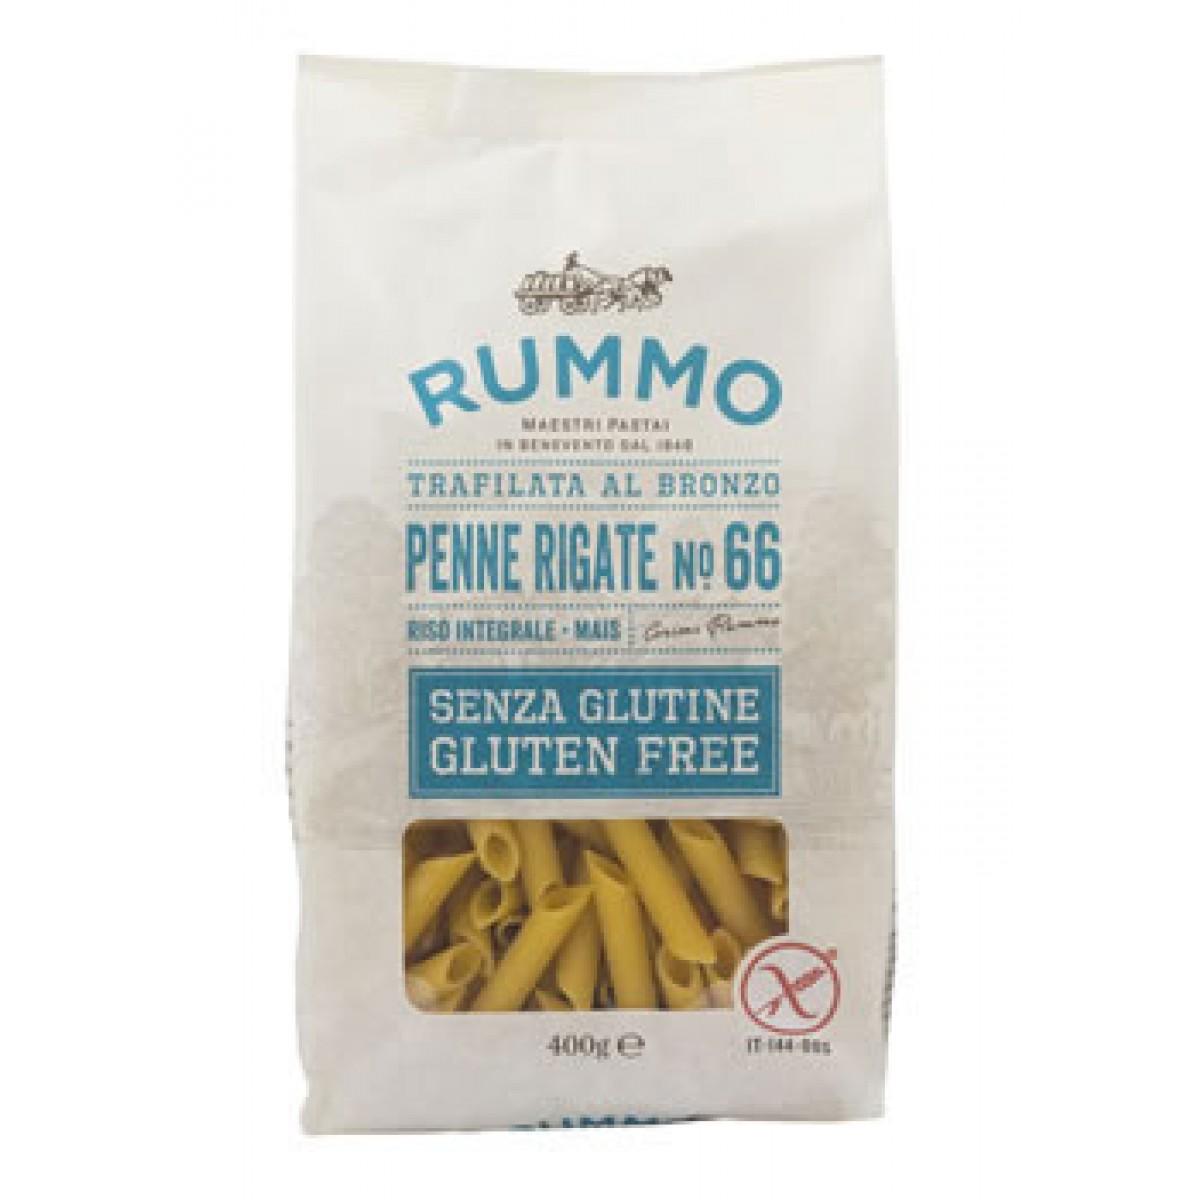 Penne Rigate Senza Glutine - Pasta Rummo